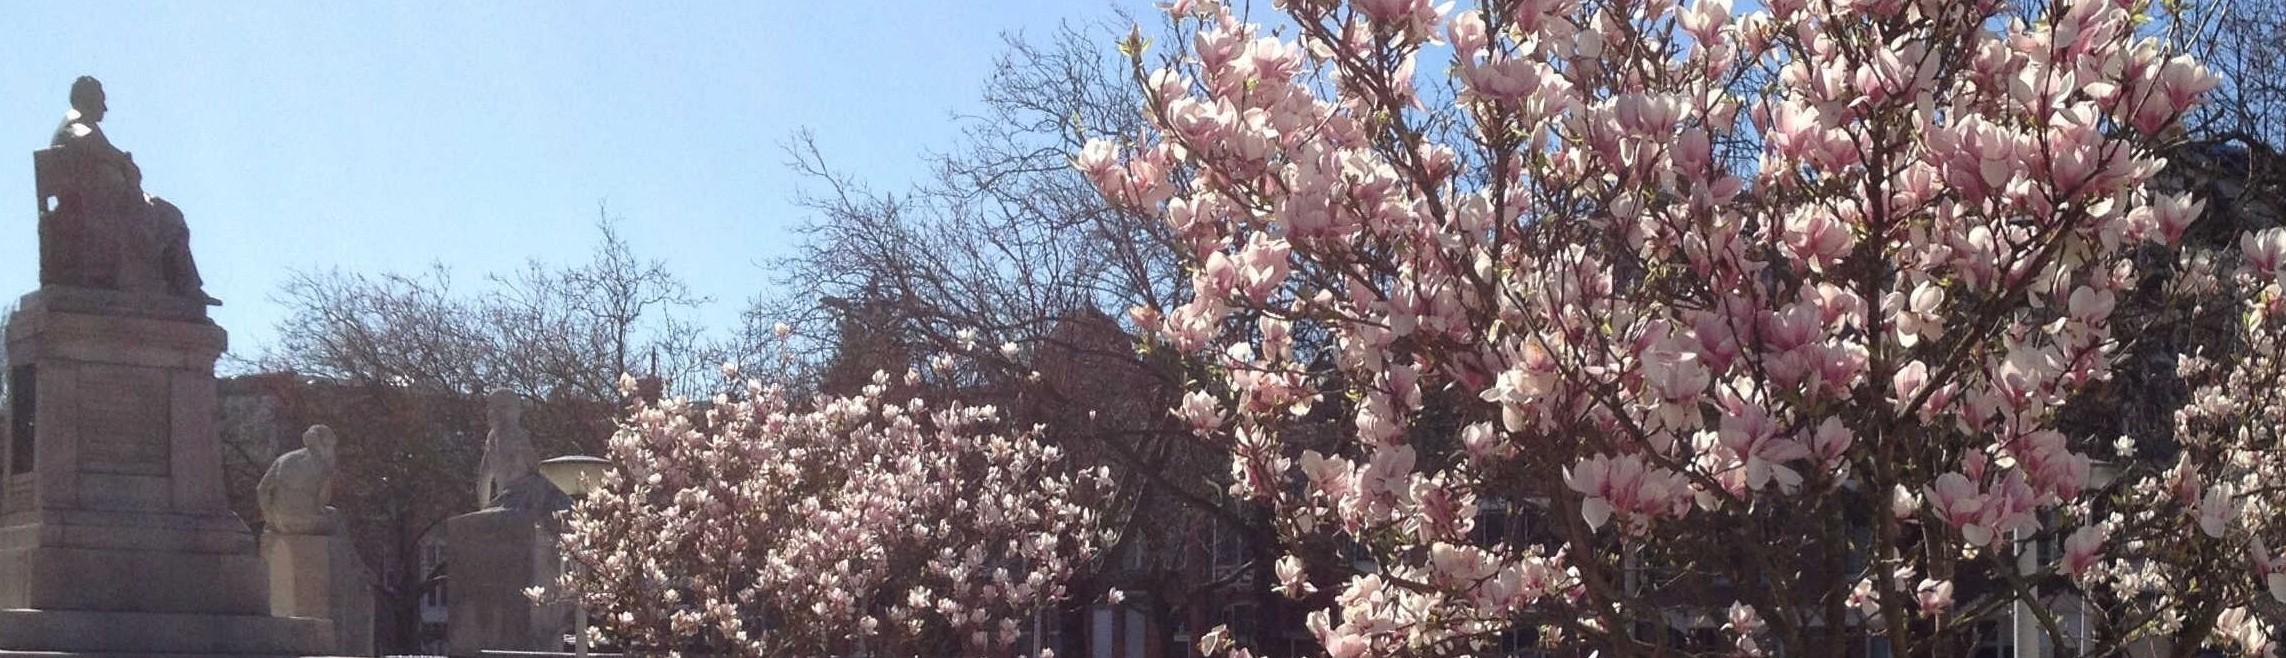 magnolia's001